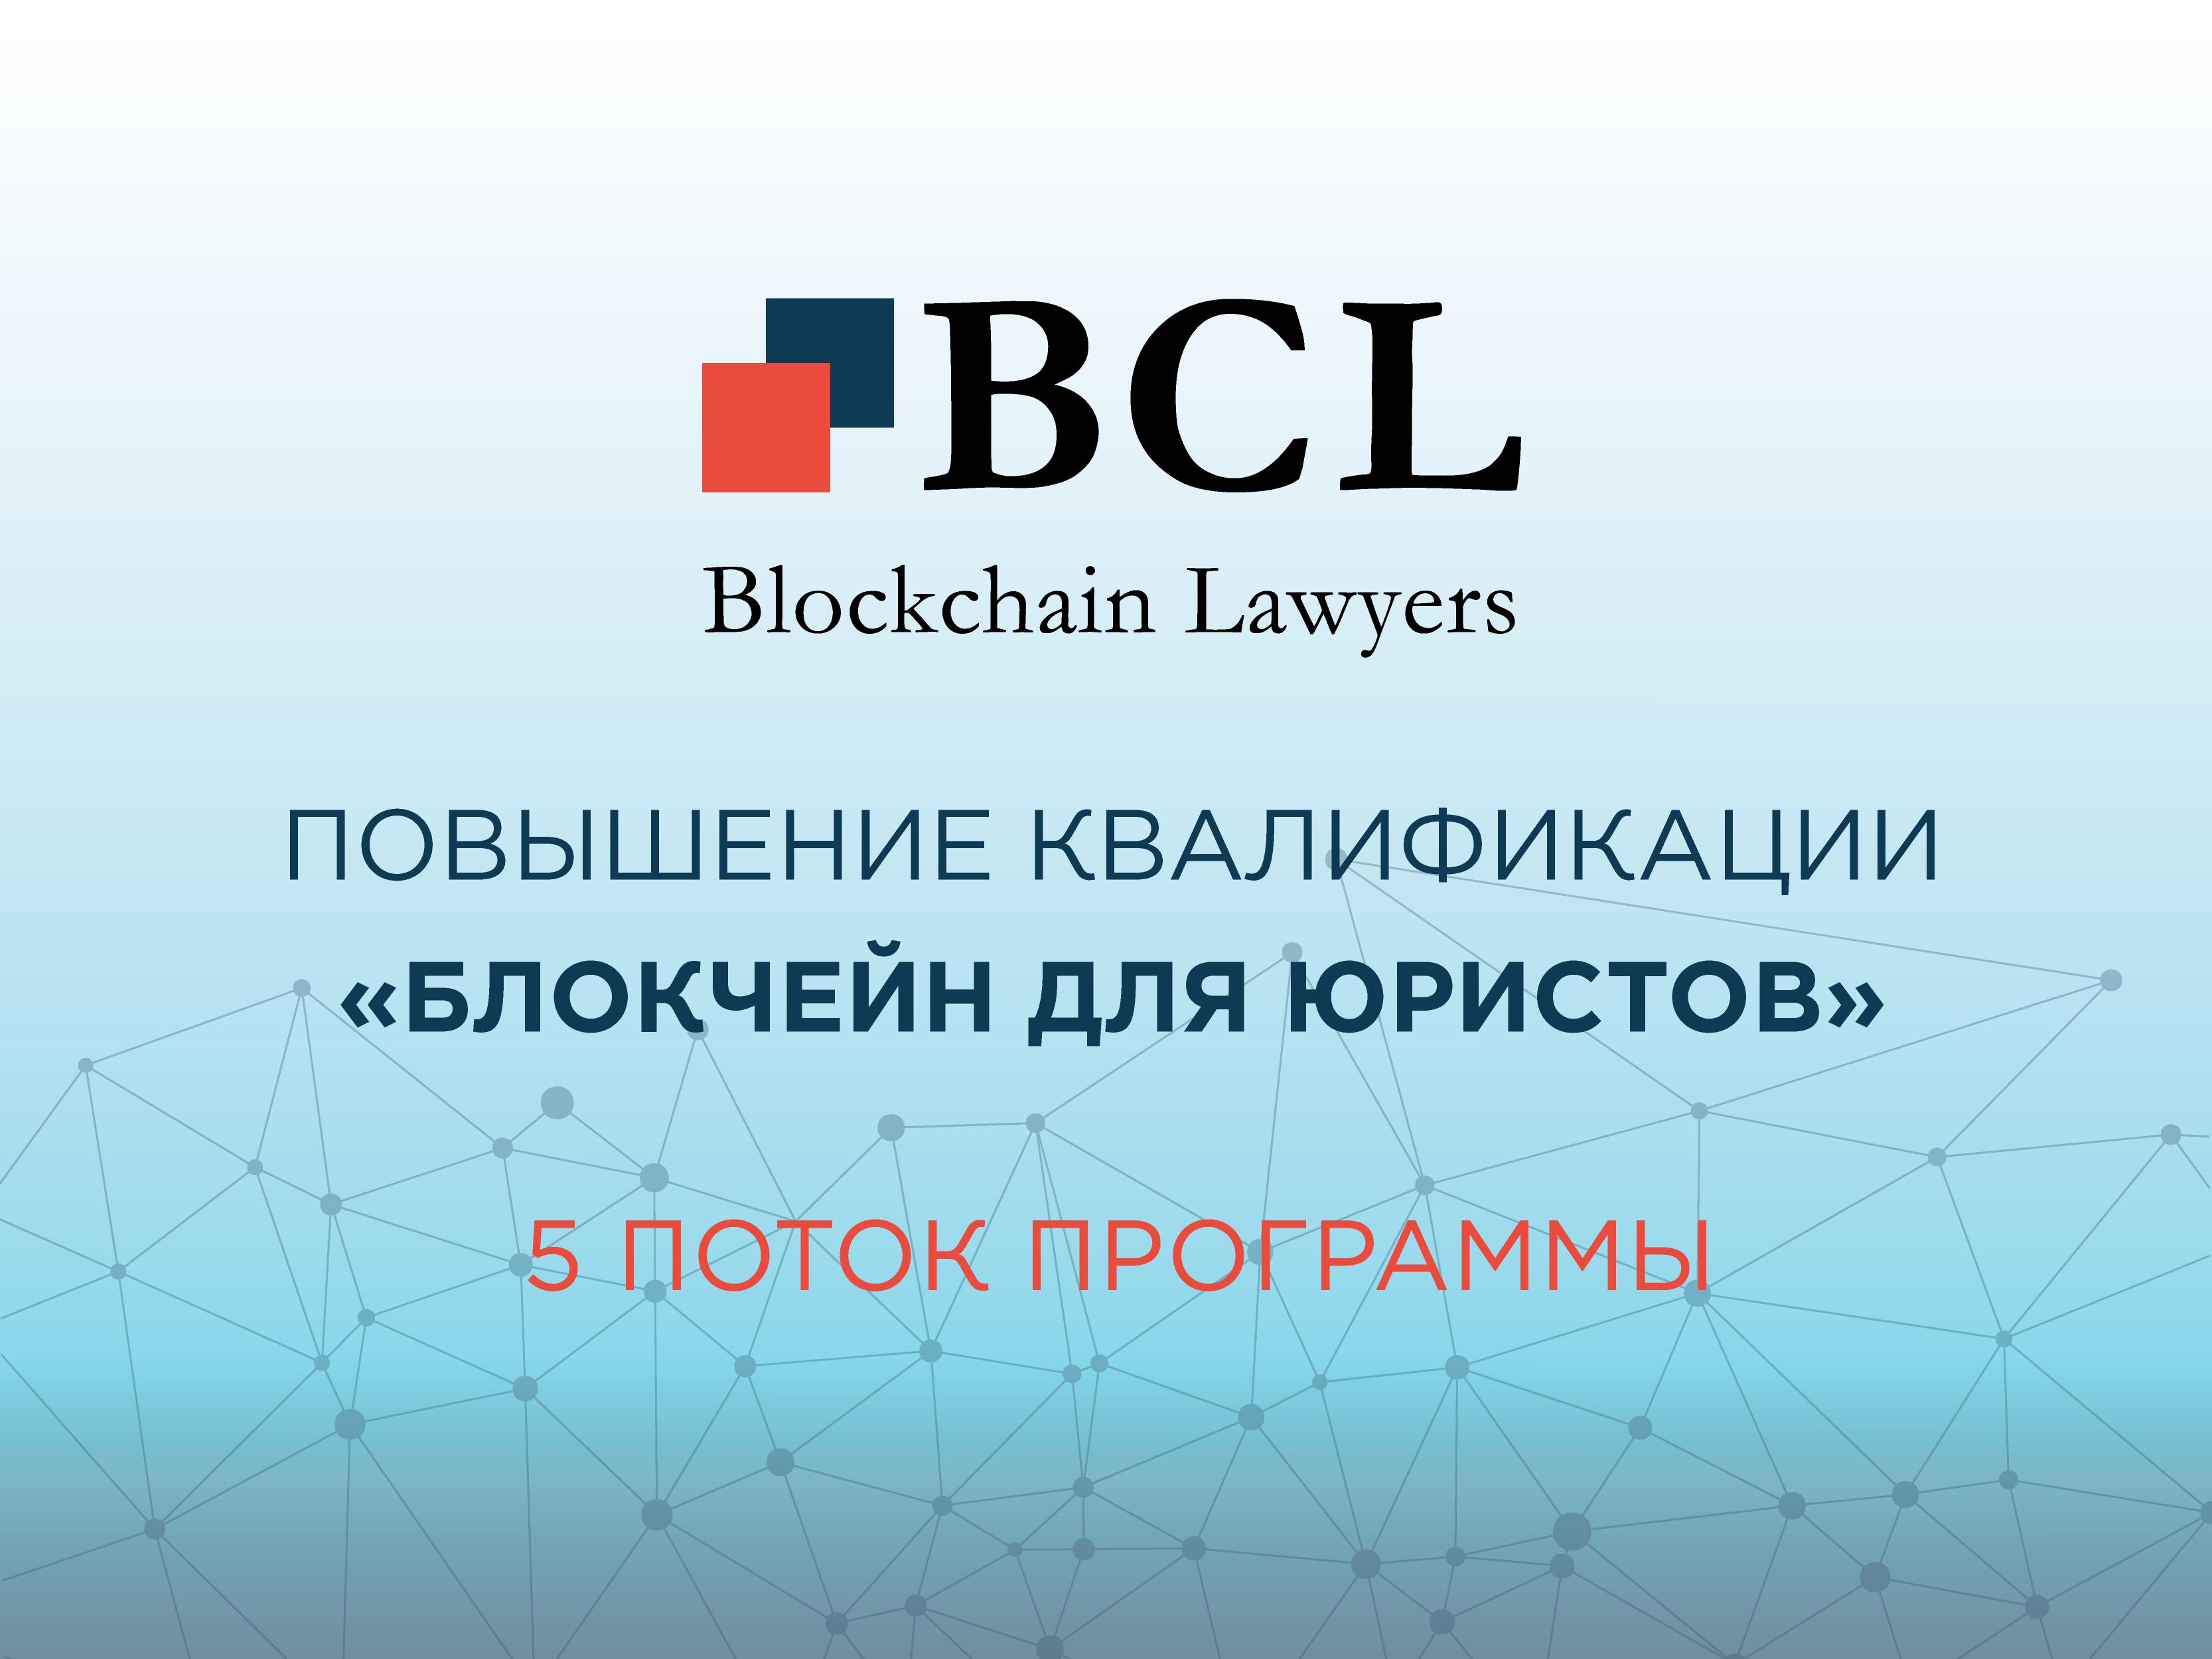 5 поток образовательной программы для юристов от Blockchain Lawyers